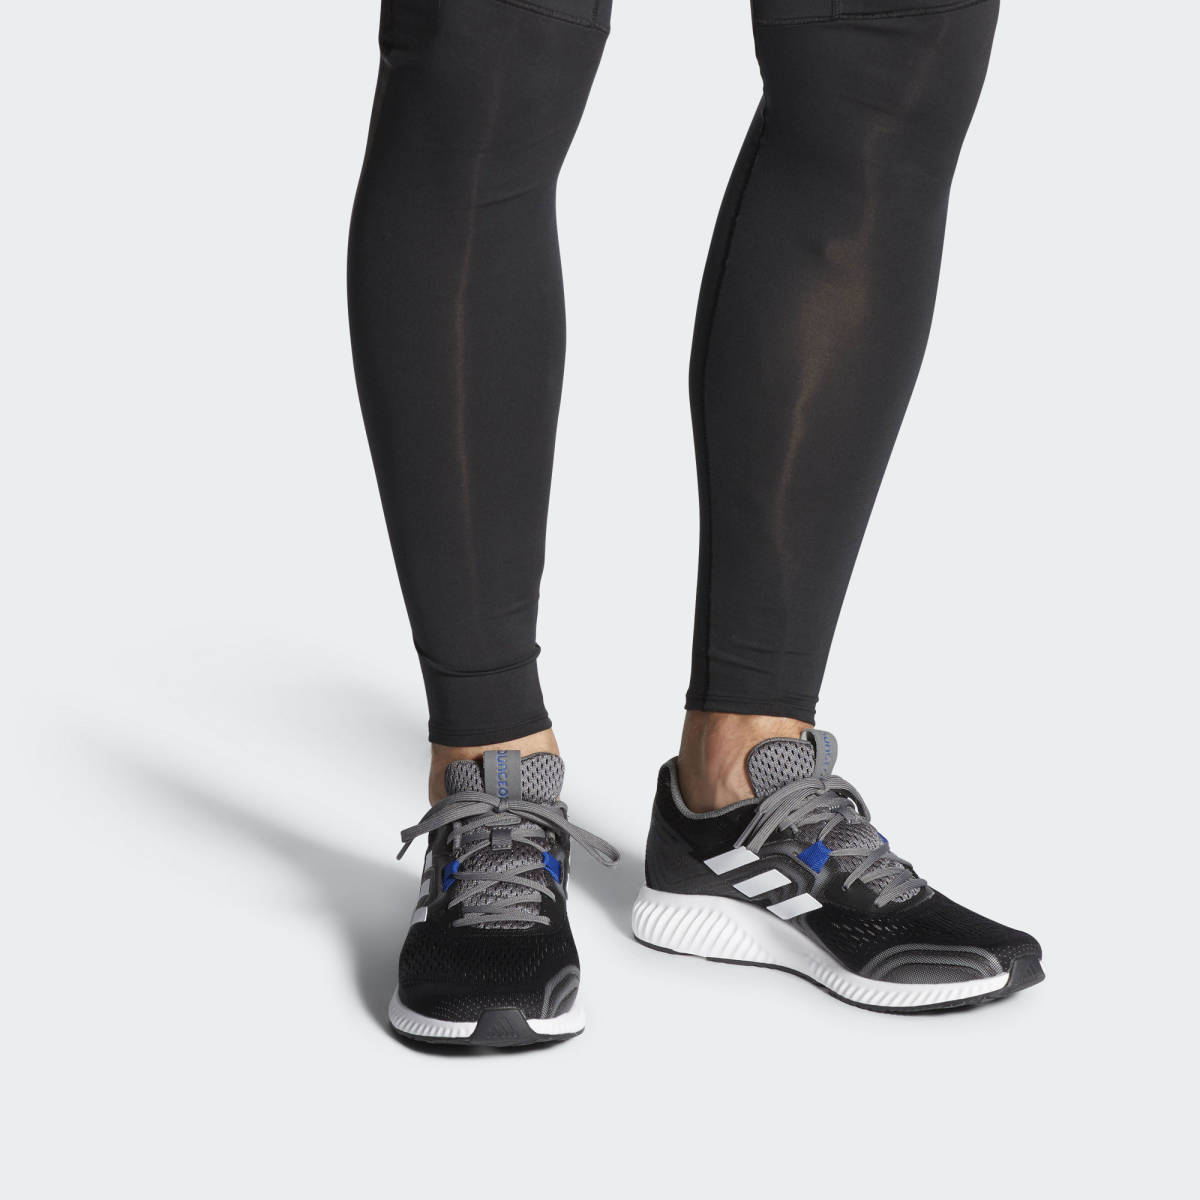 新品 ADIDAS アディダス スニーカー ランニングシューズ エアロバウンス2 トレーニングシューズ ウォーキングシューズ 運動靴 27cm_画像3